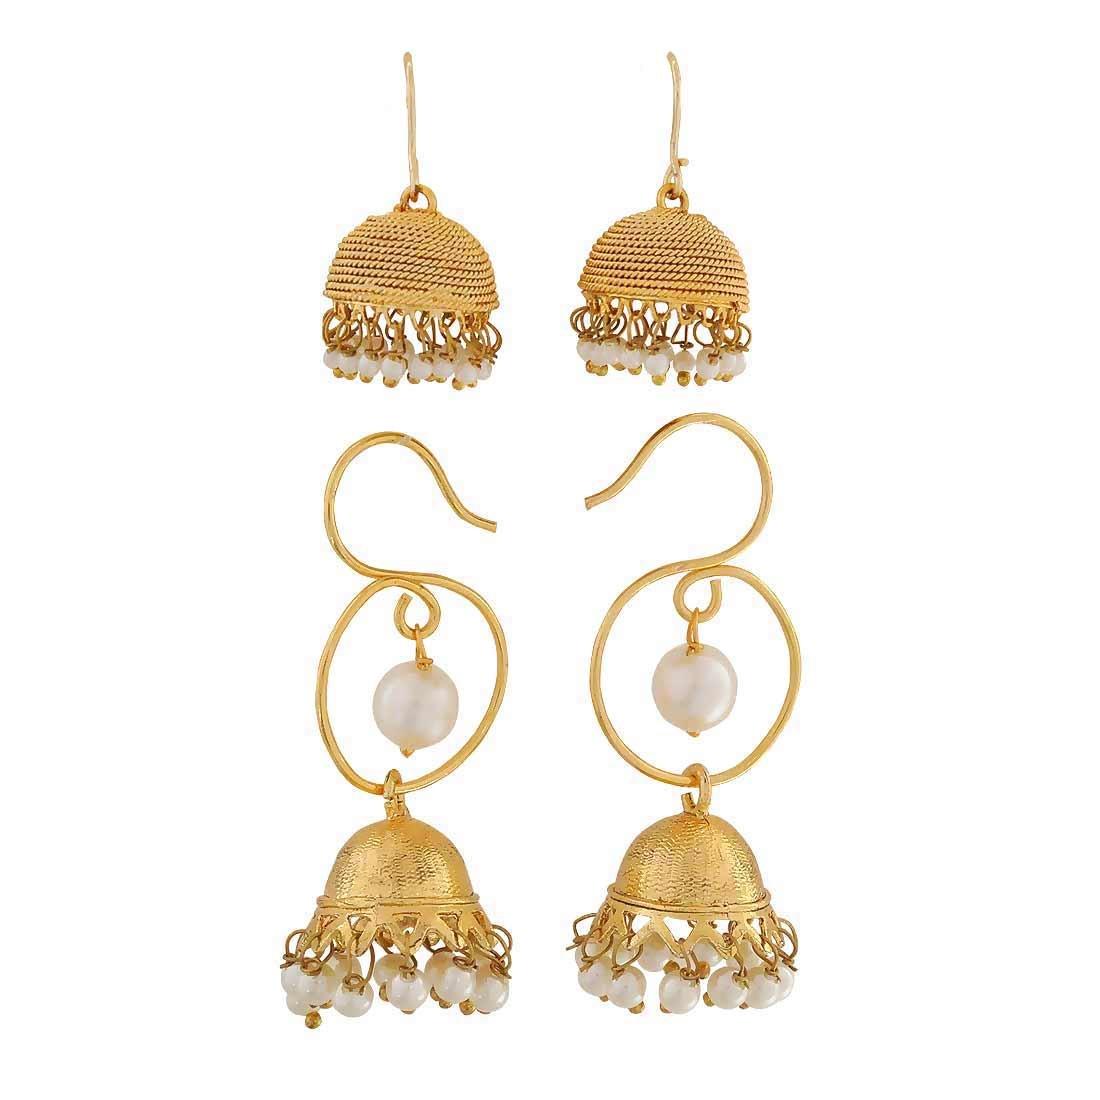 Maayra Double White Combo Wedding Festival Jewellery Jhumki Earrings